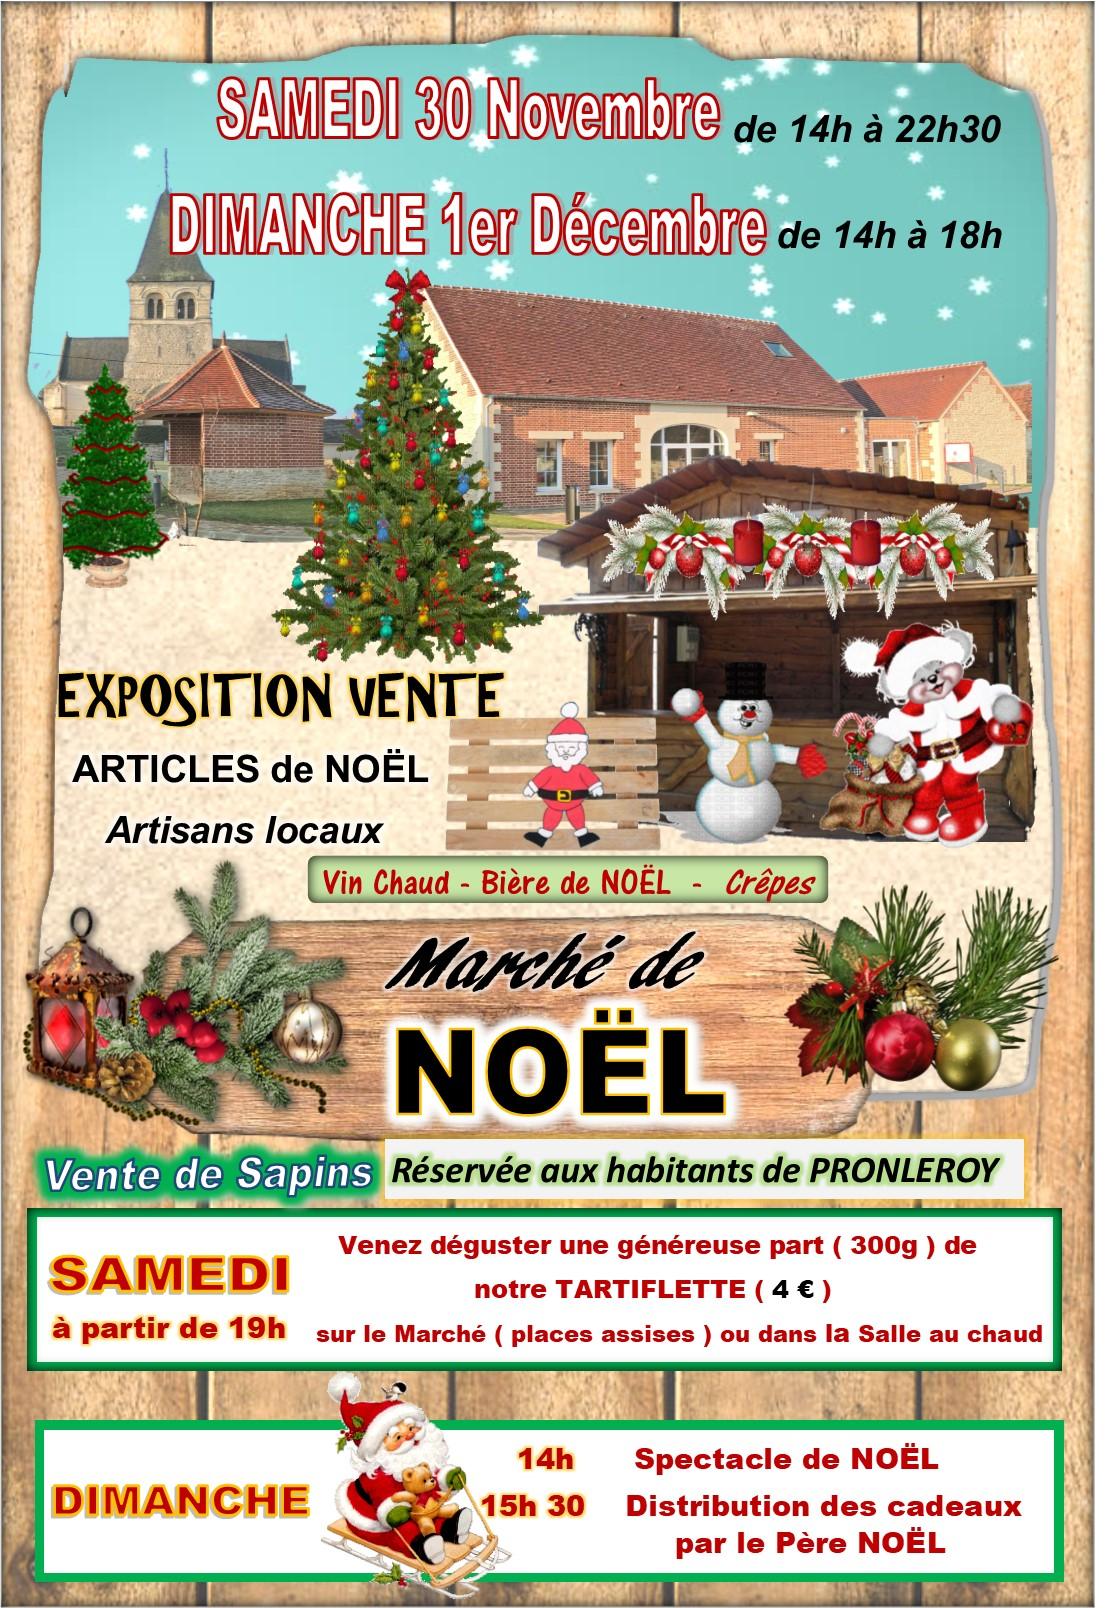 MARCHE de NOEL du 30 Novembre et 1er Décembre